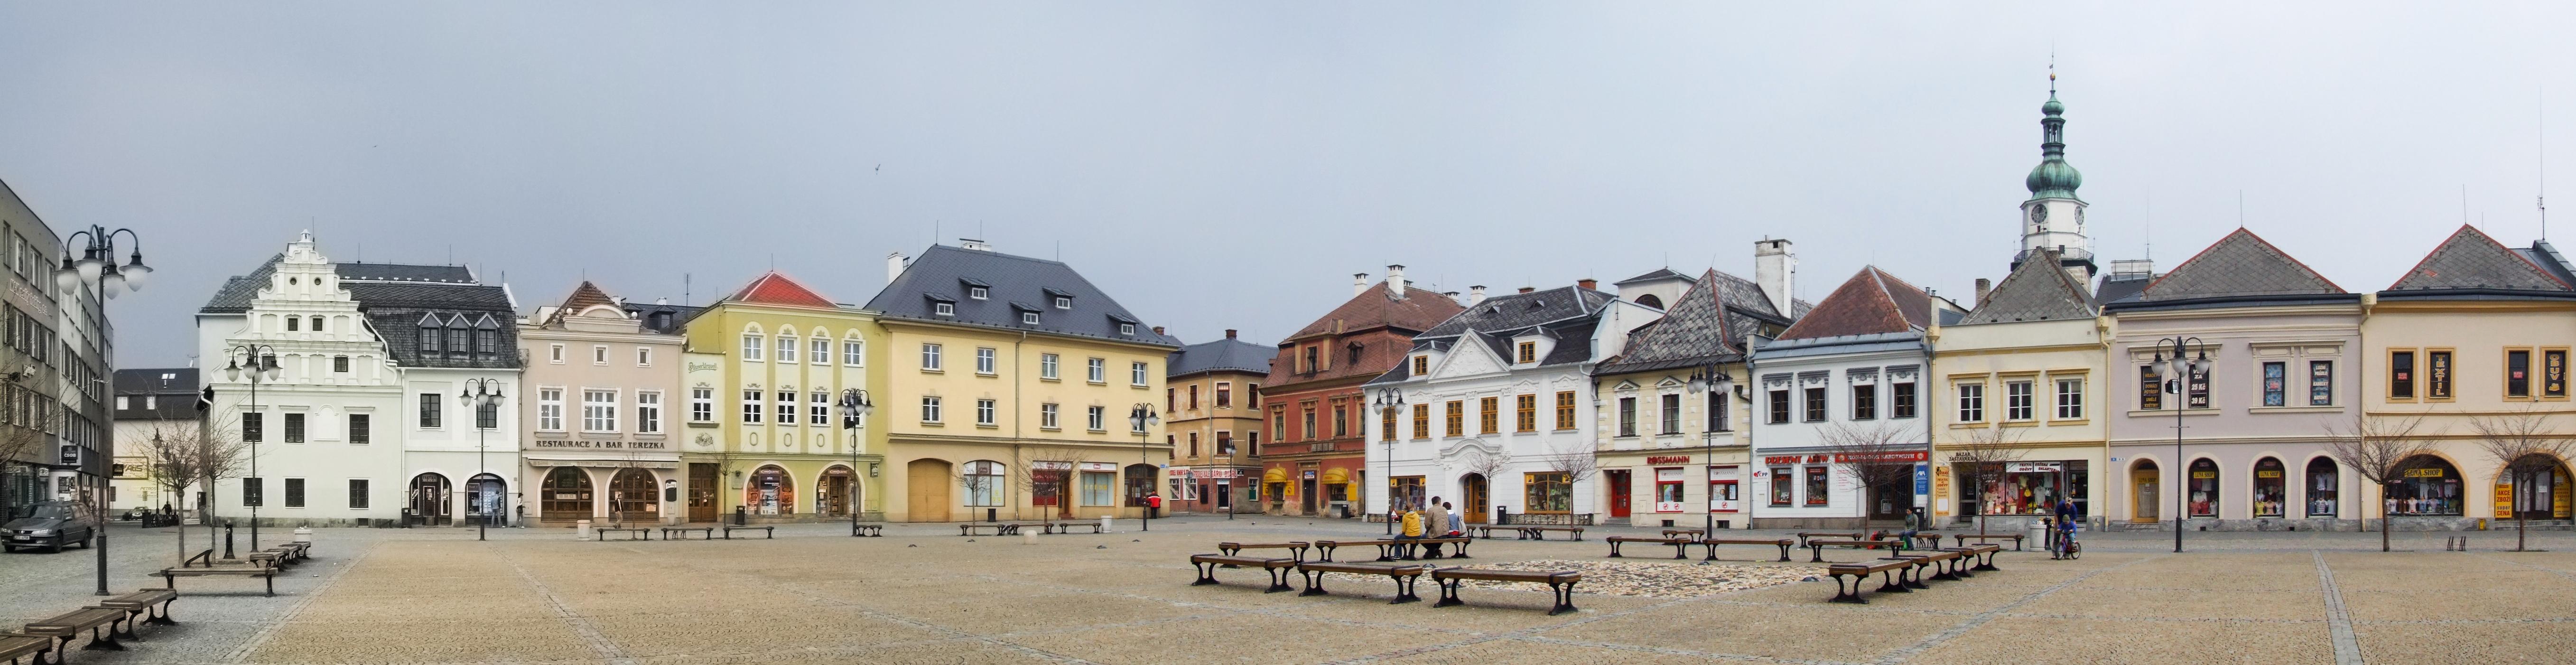 Брунталь (Чехия)